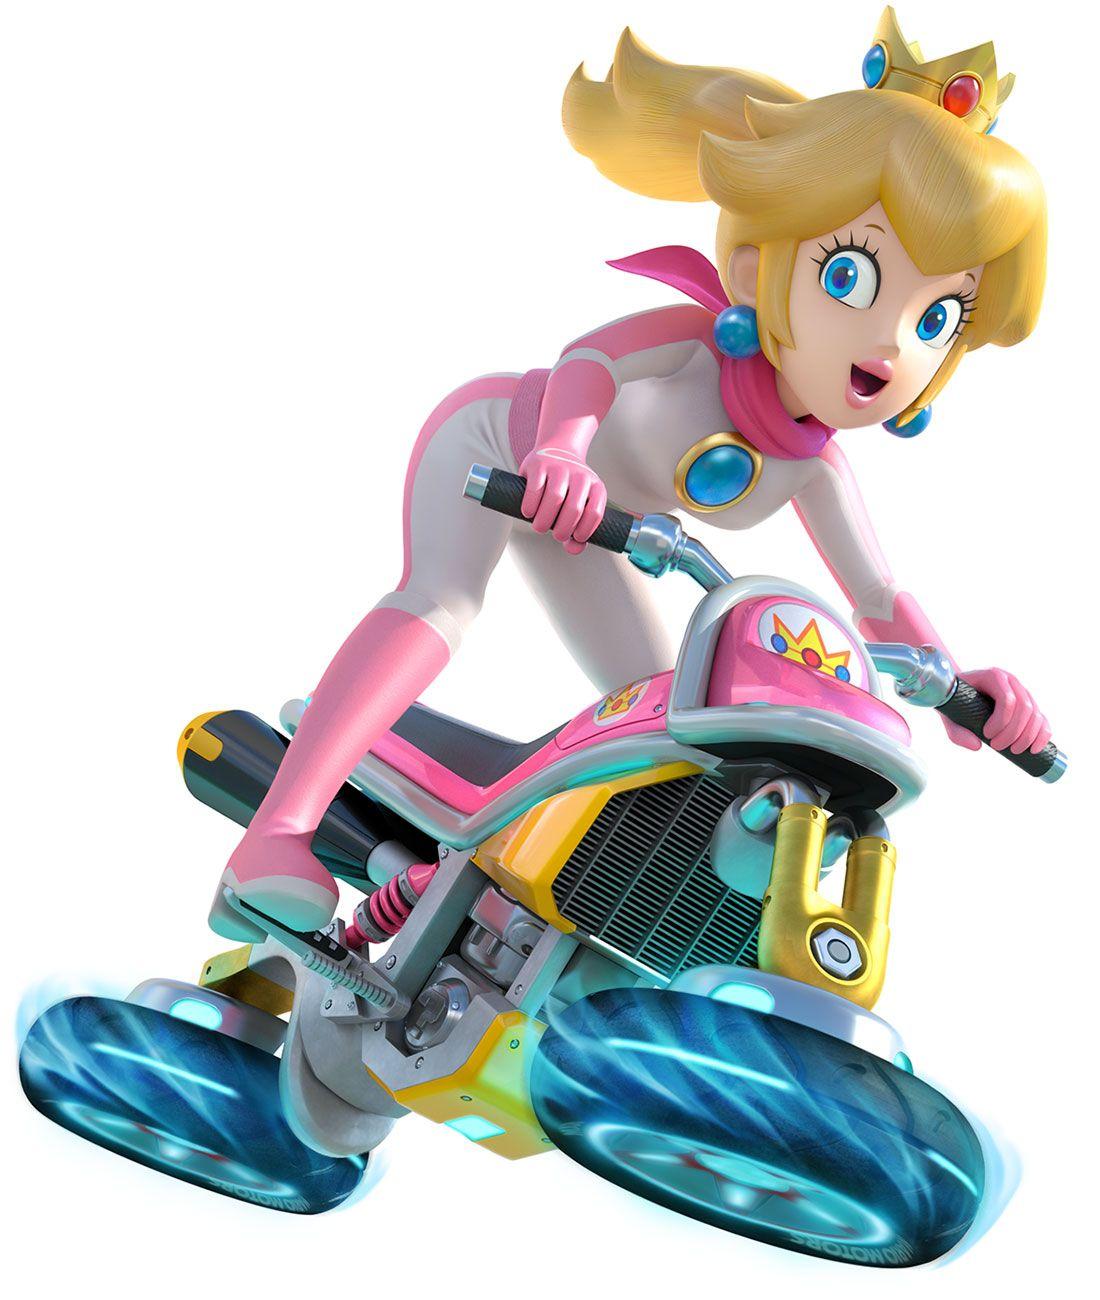 Peach Mario Kart 8 Peach Mario Kart Princess Peach